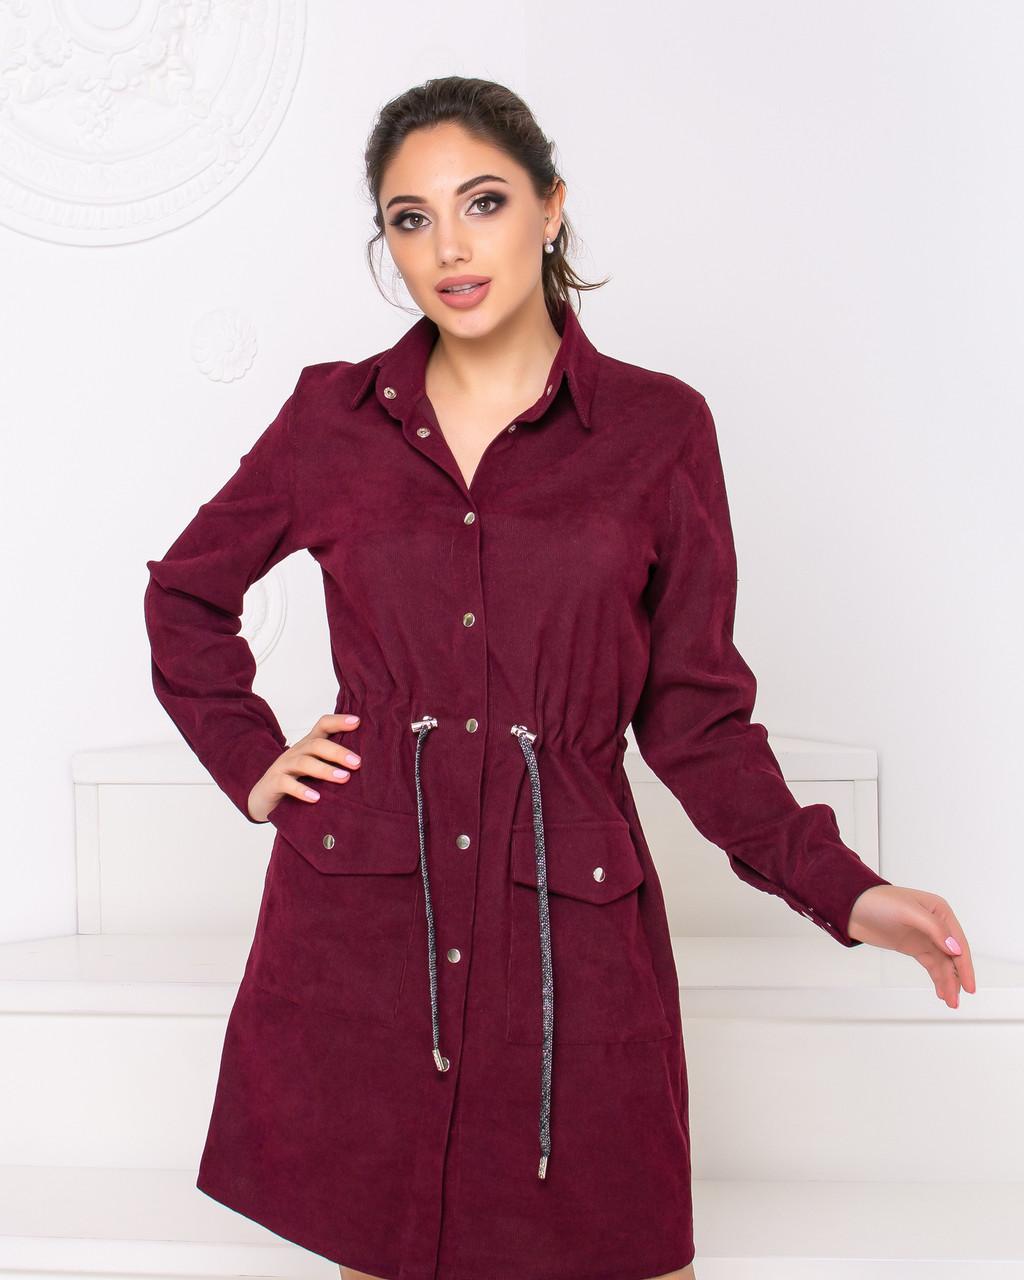 Платье-рубашка женская бордового цвета  от YuLiYa Chumachenko